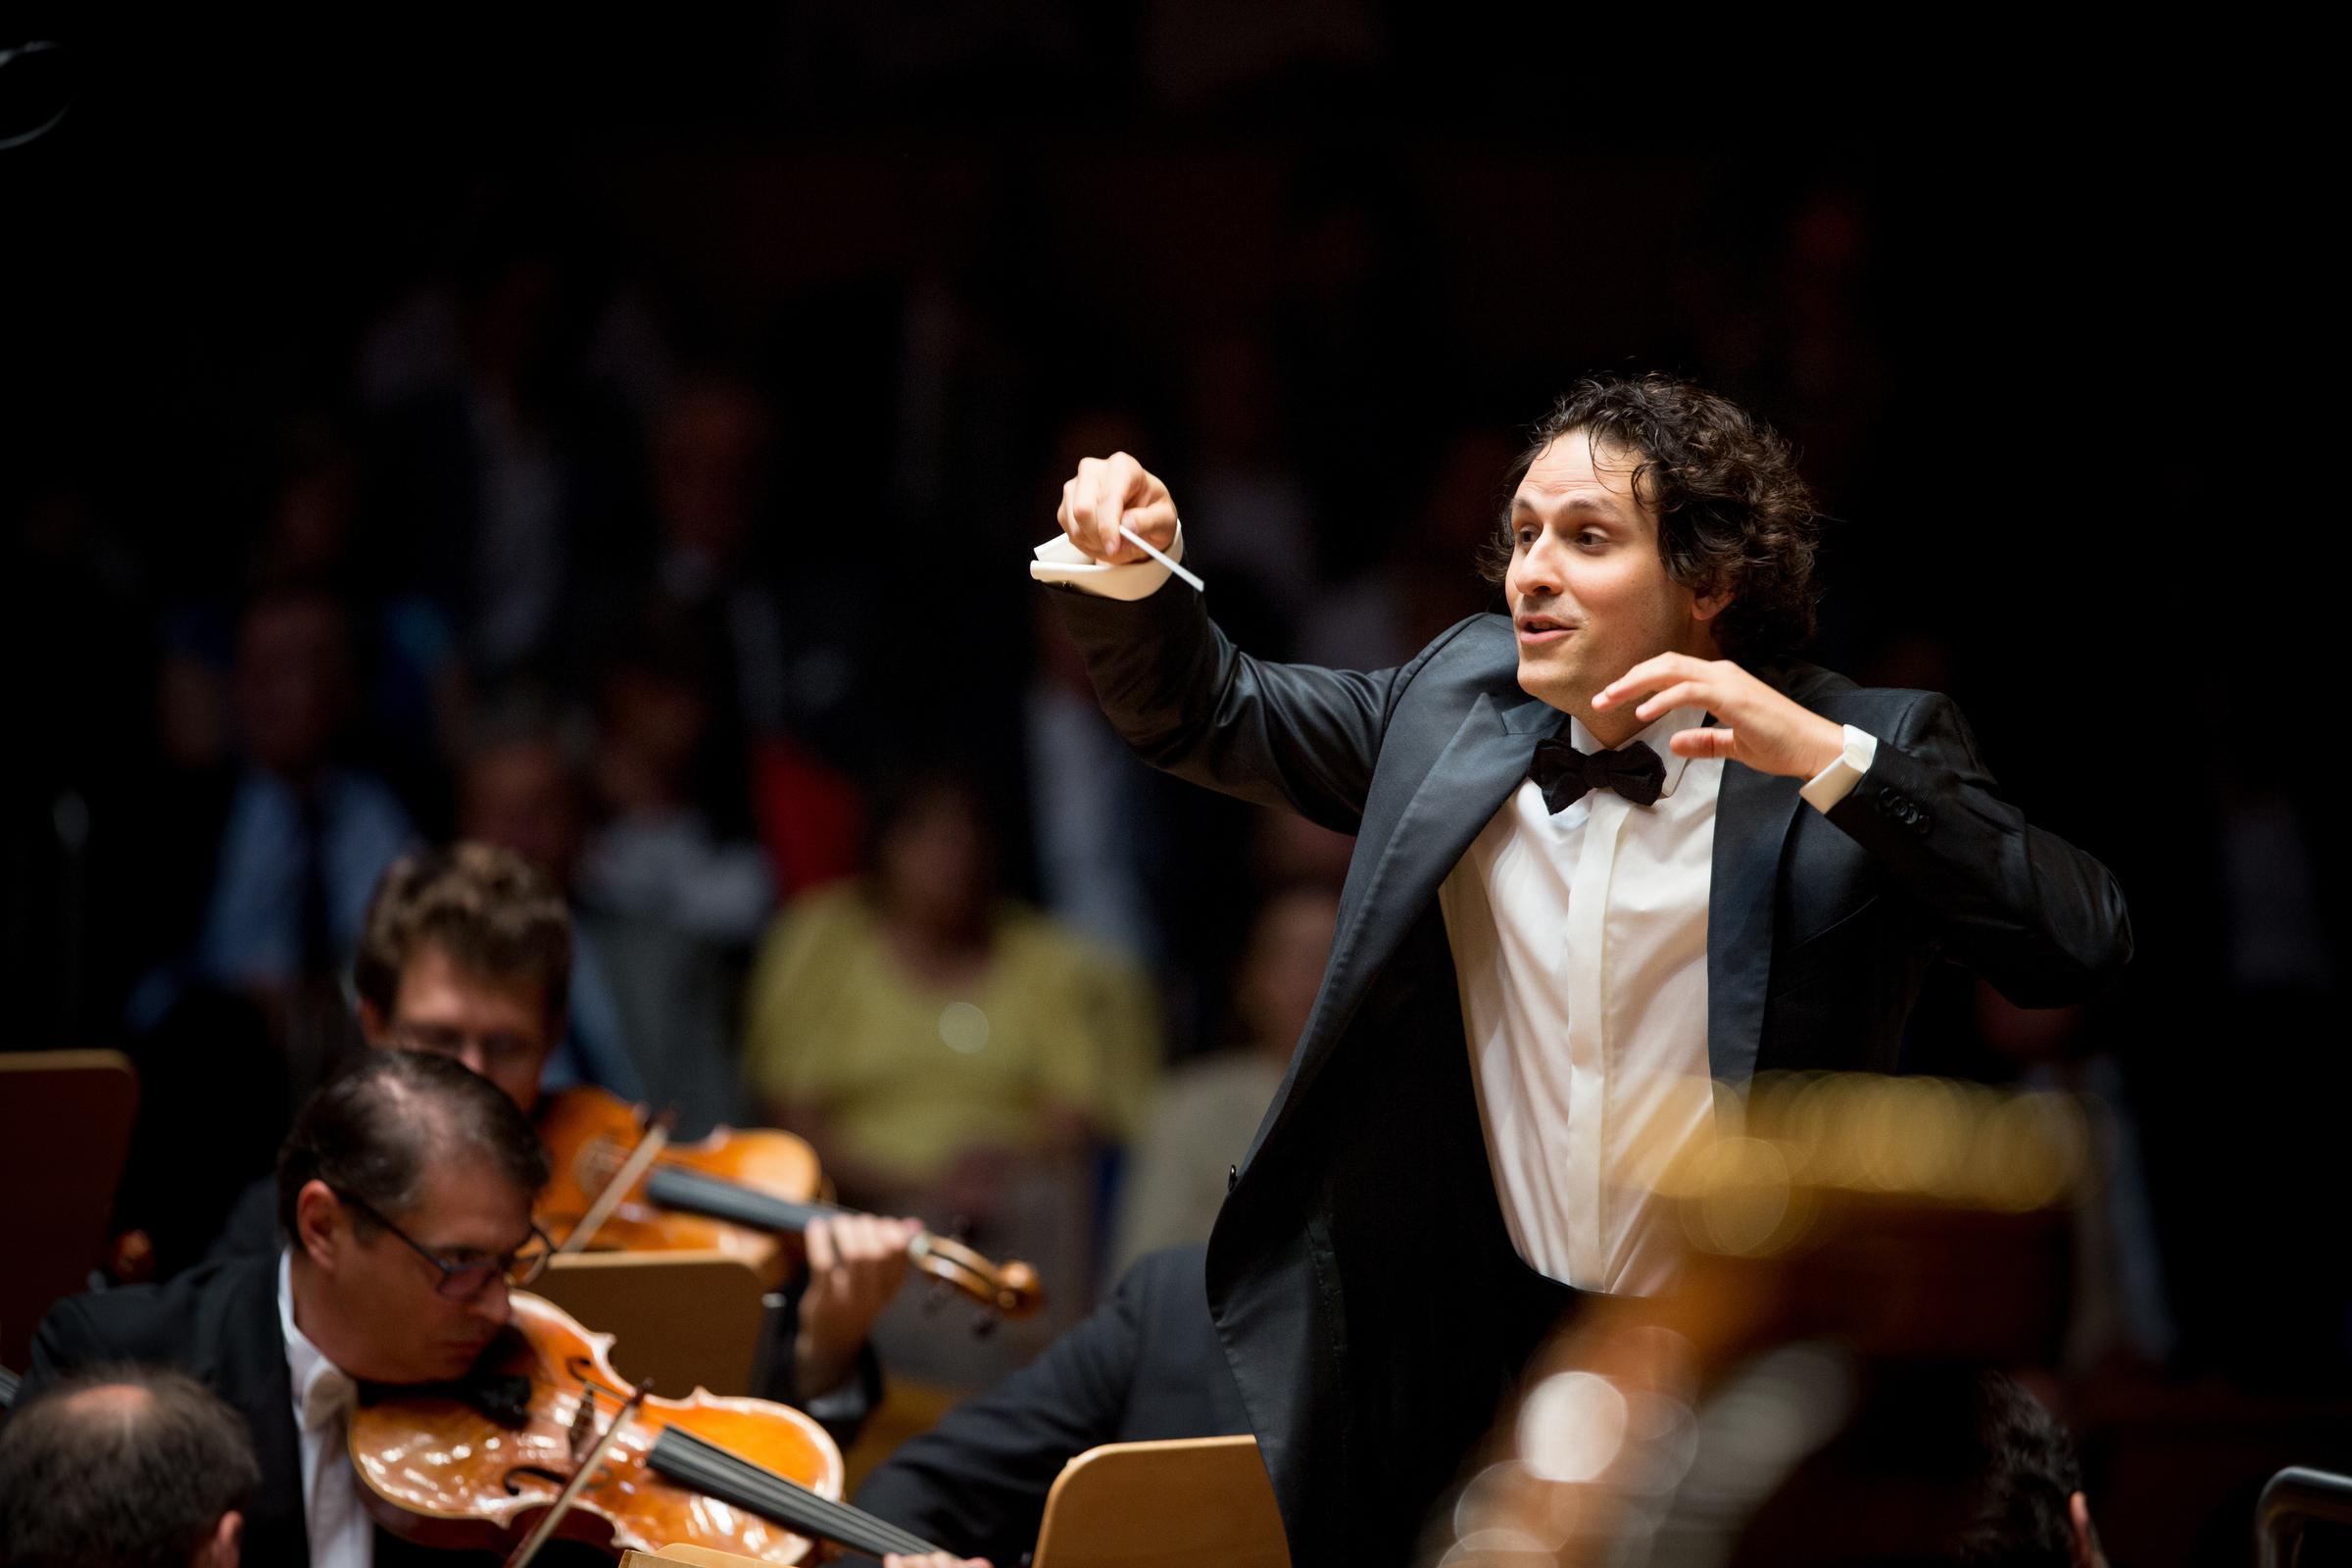 L'Orchestre National de Lille à la baguette de votre smartphone